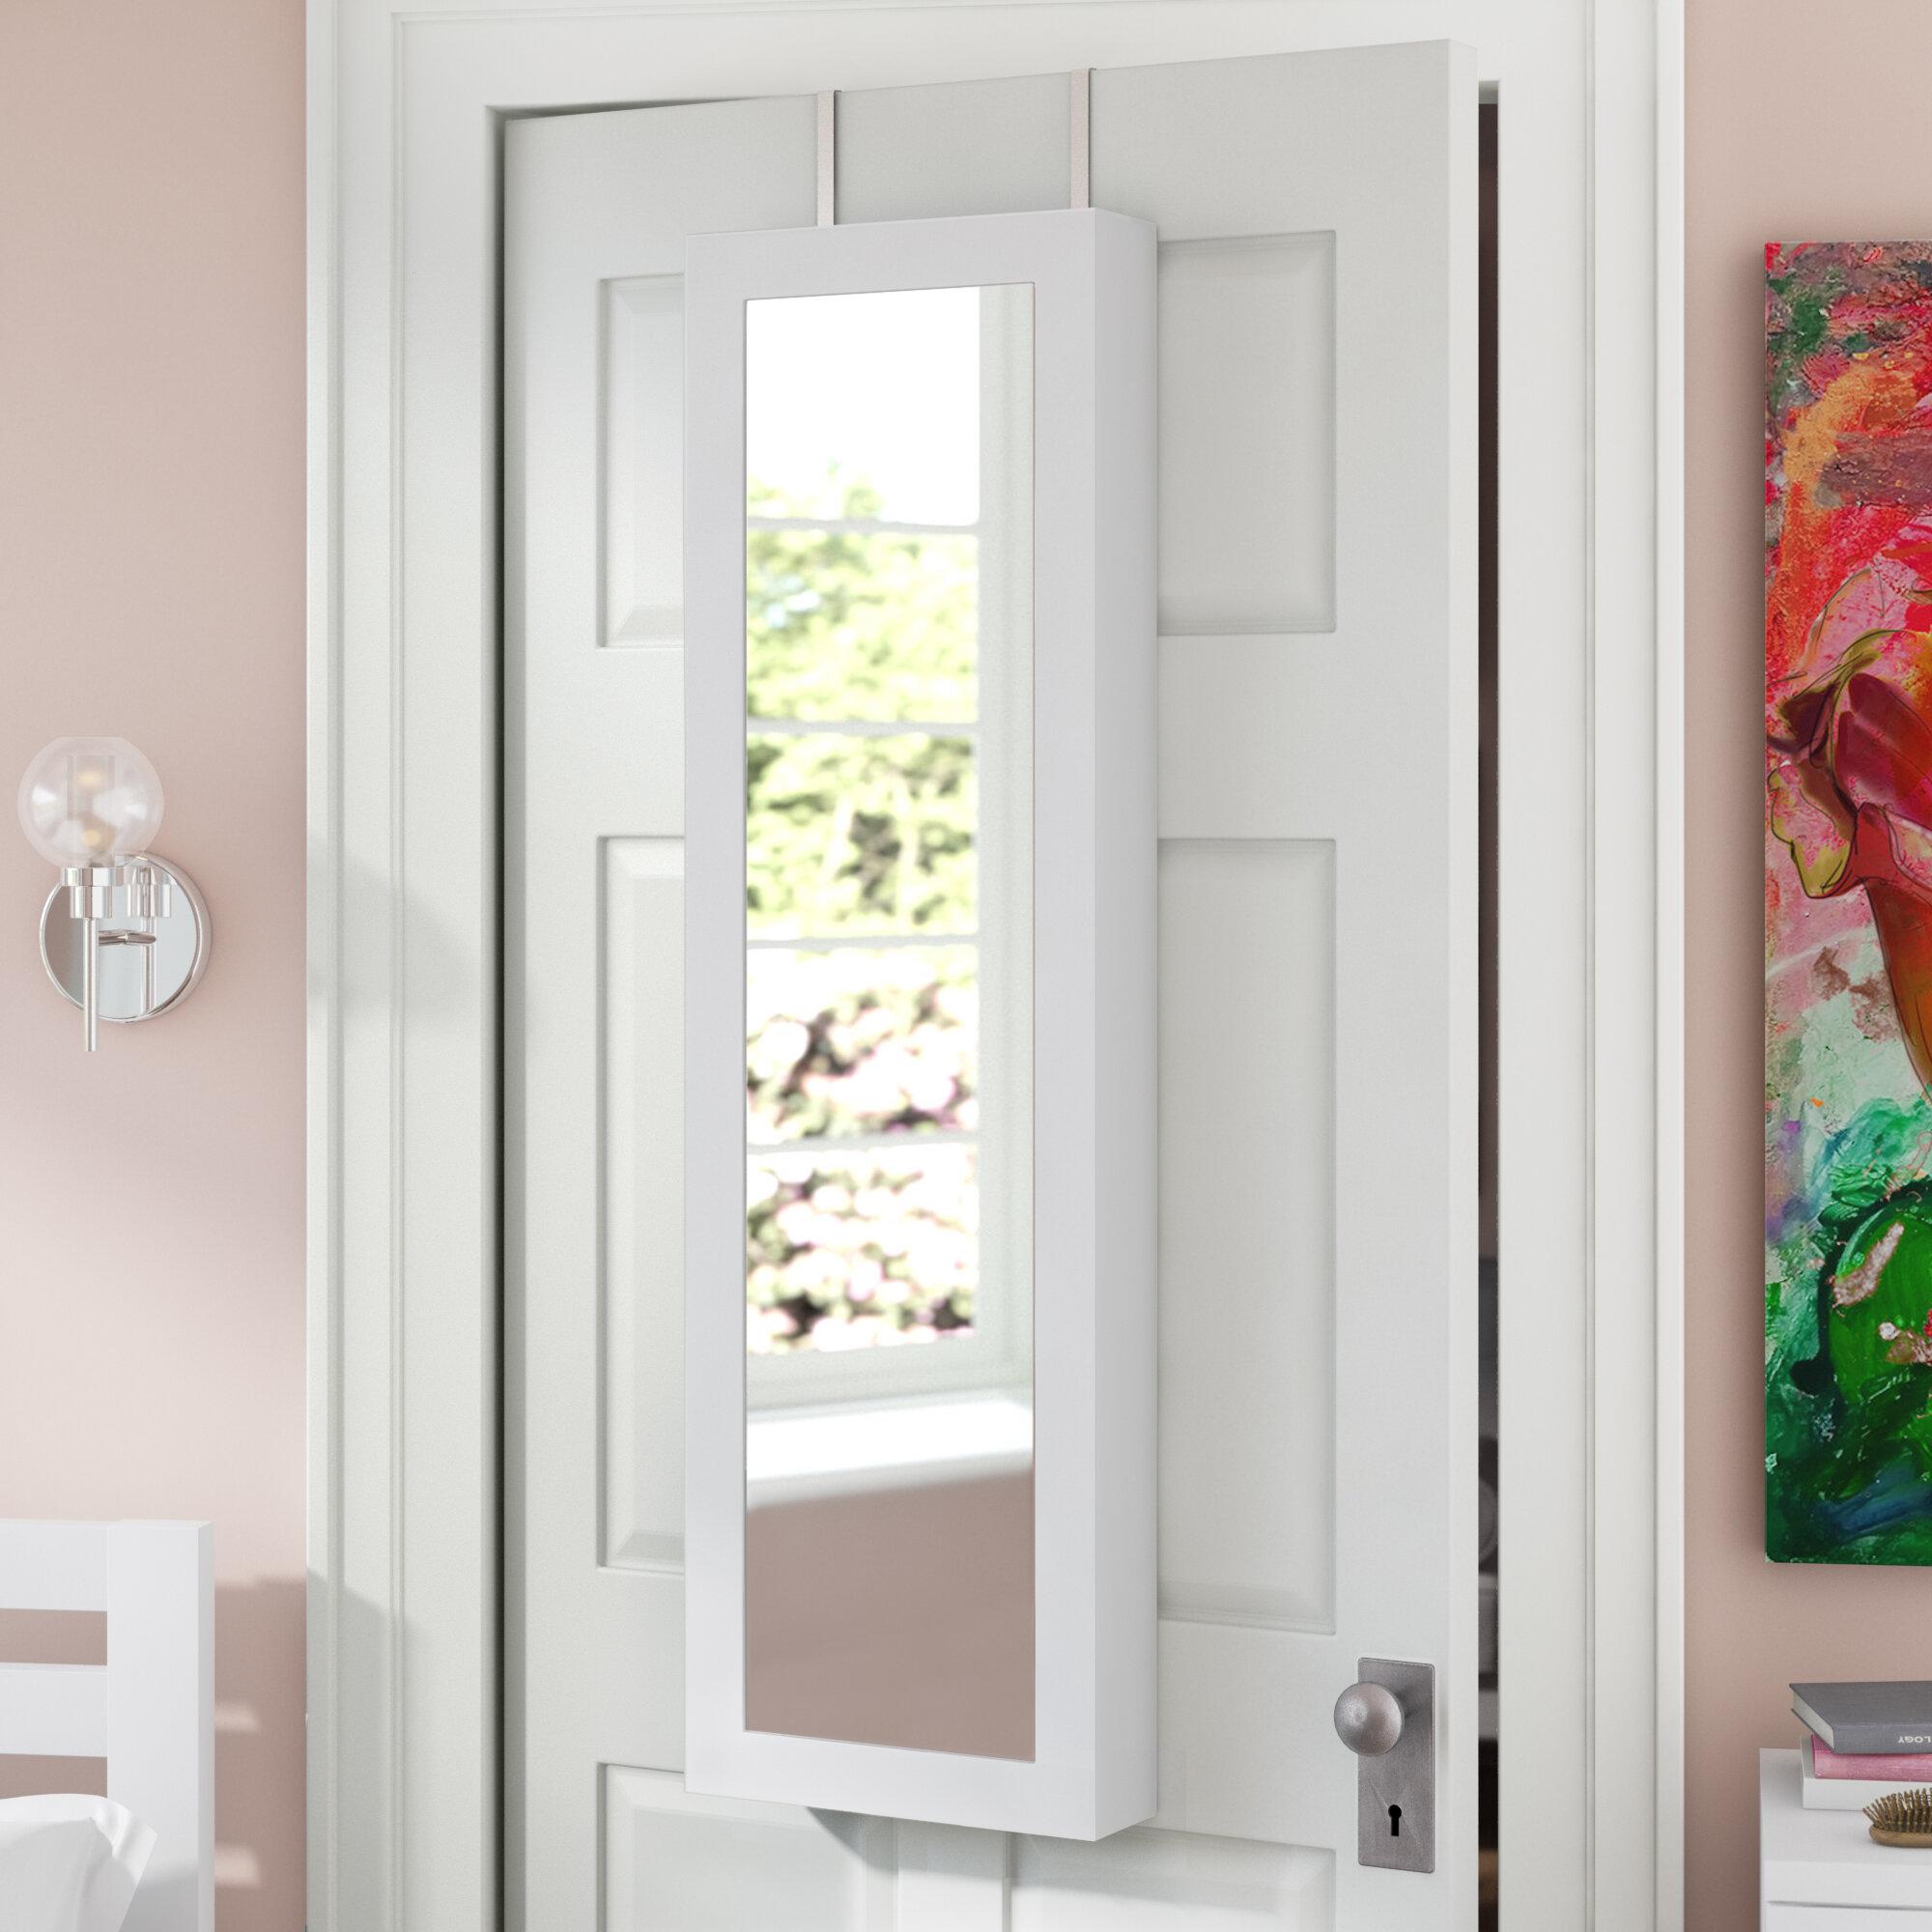 Zipcode Design Carolina Jewelry And Makeup Cabinet Over The Door Armoire With Mirror Reviews Wayfair